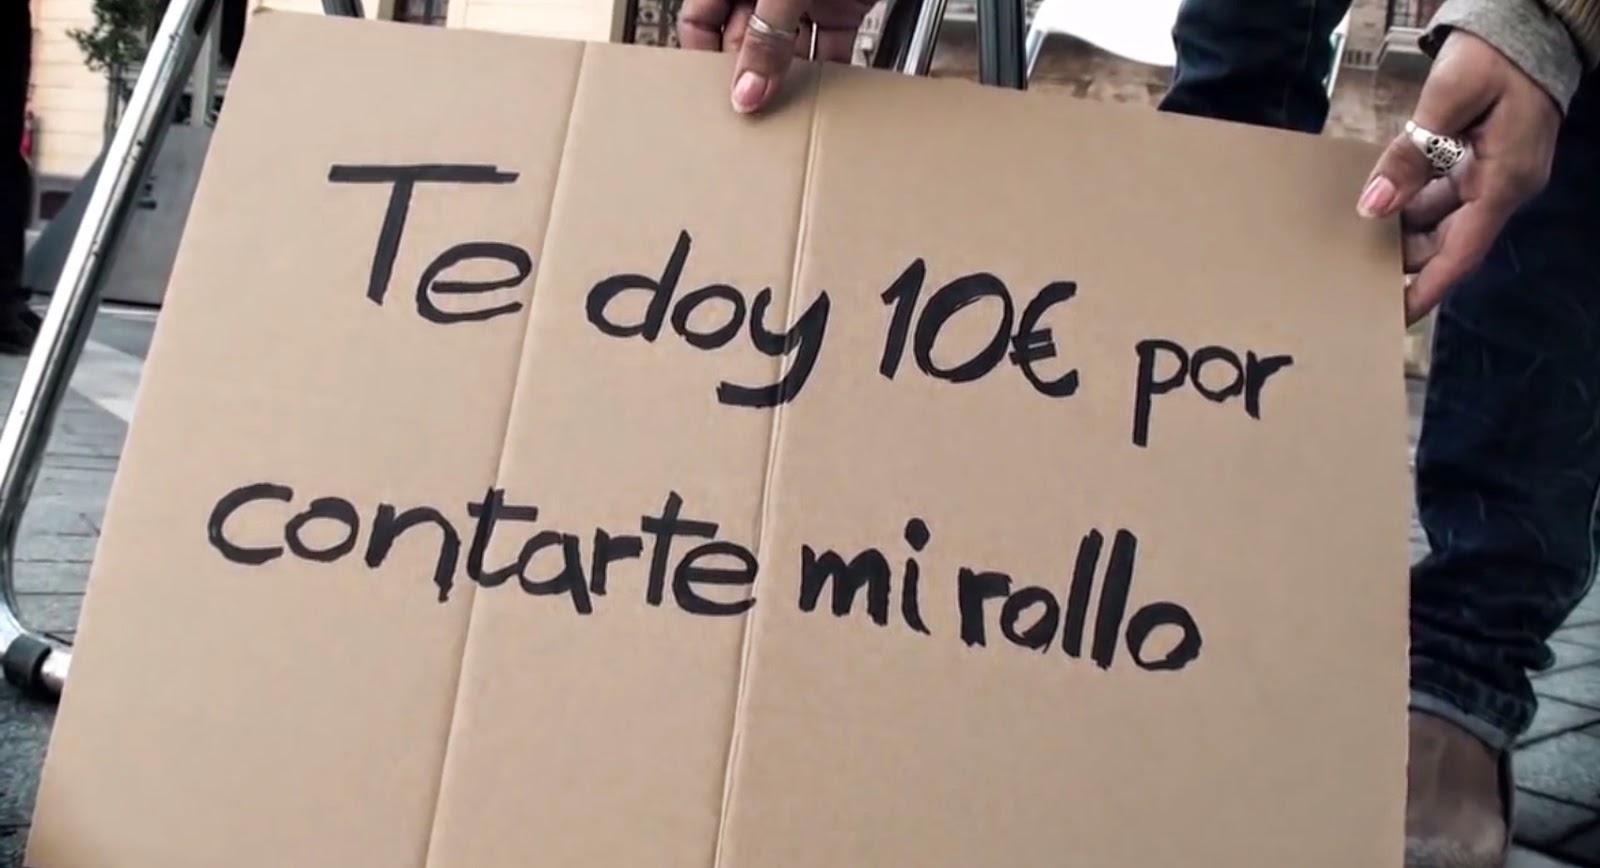 Proyecto Hombre, 10 euros por contarte mi rollo